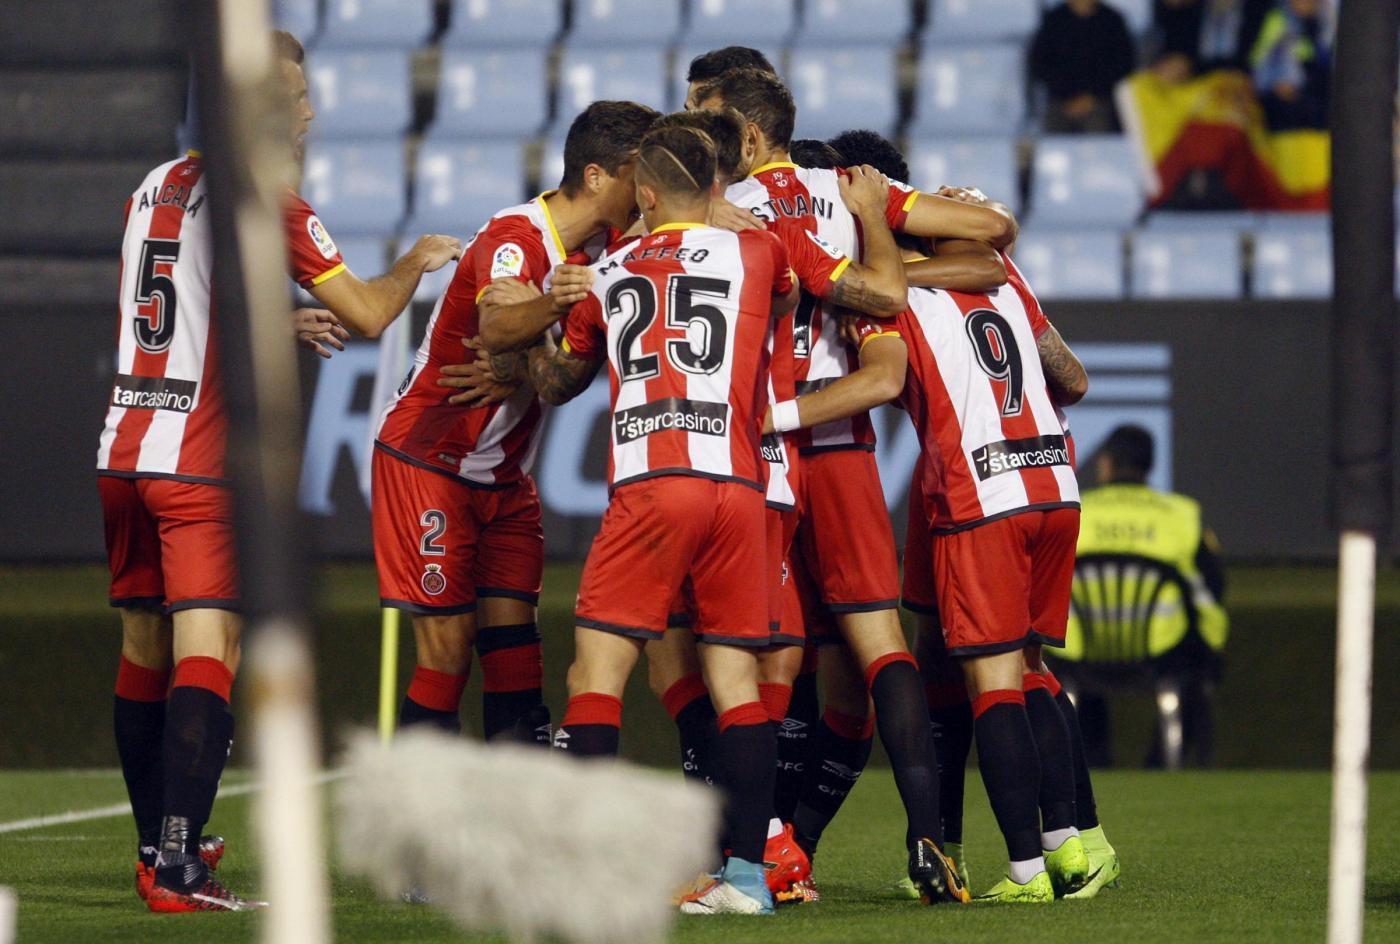 LaLiga, Girona-Rayo Vallecano sabato 27 ottobre: analisi e pronostico della decima giornata del campionato spagnolo